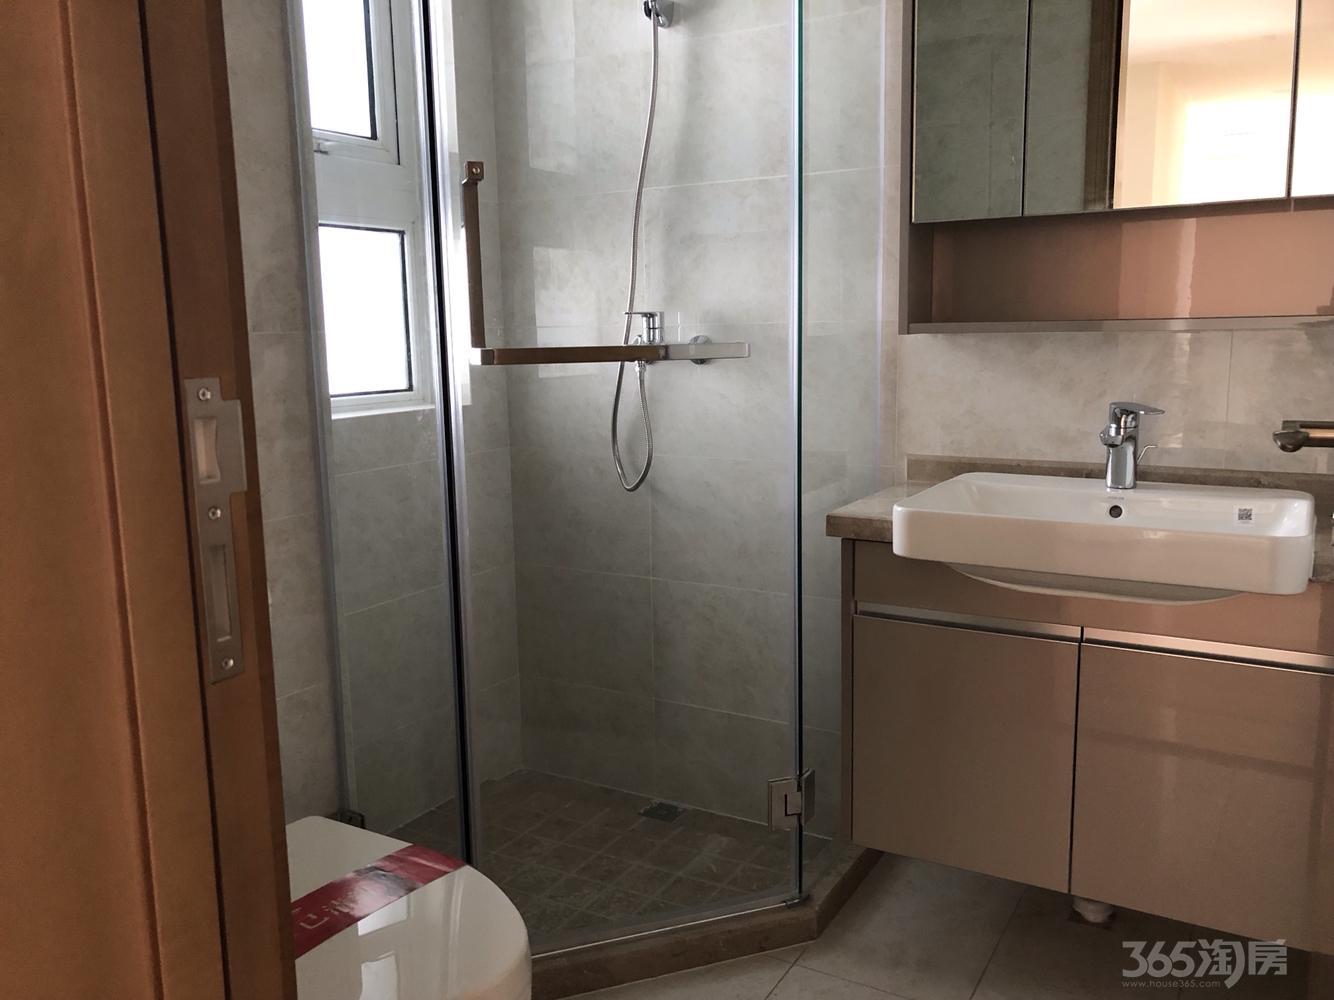 华润国际社区3室2厅1卫89.00�O345万元